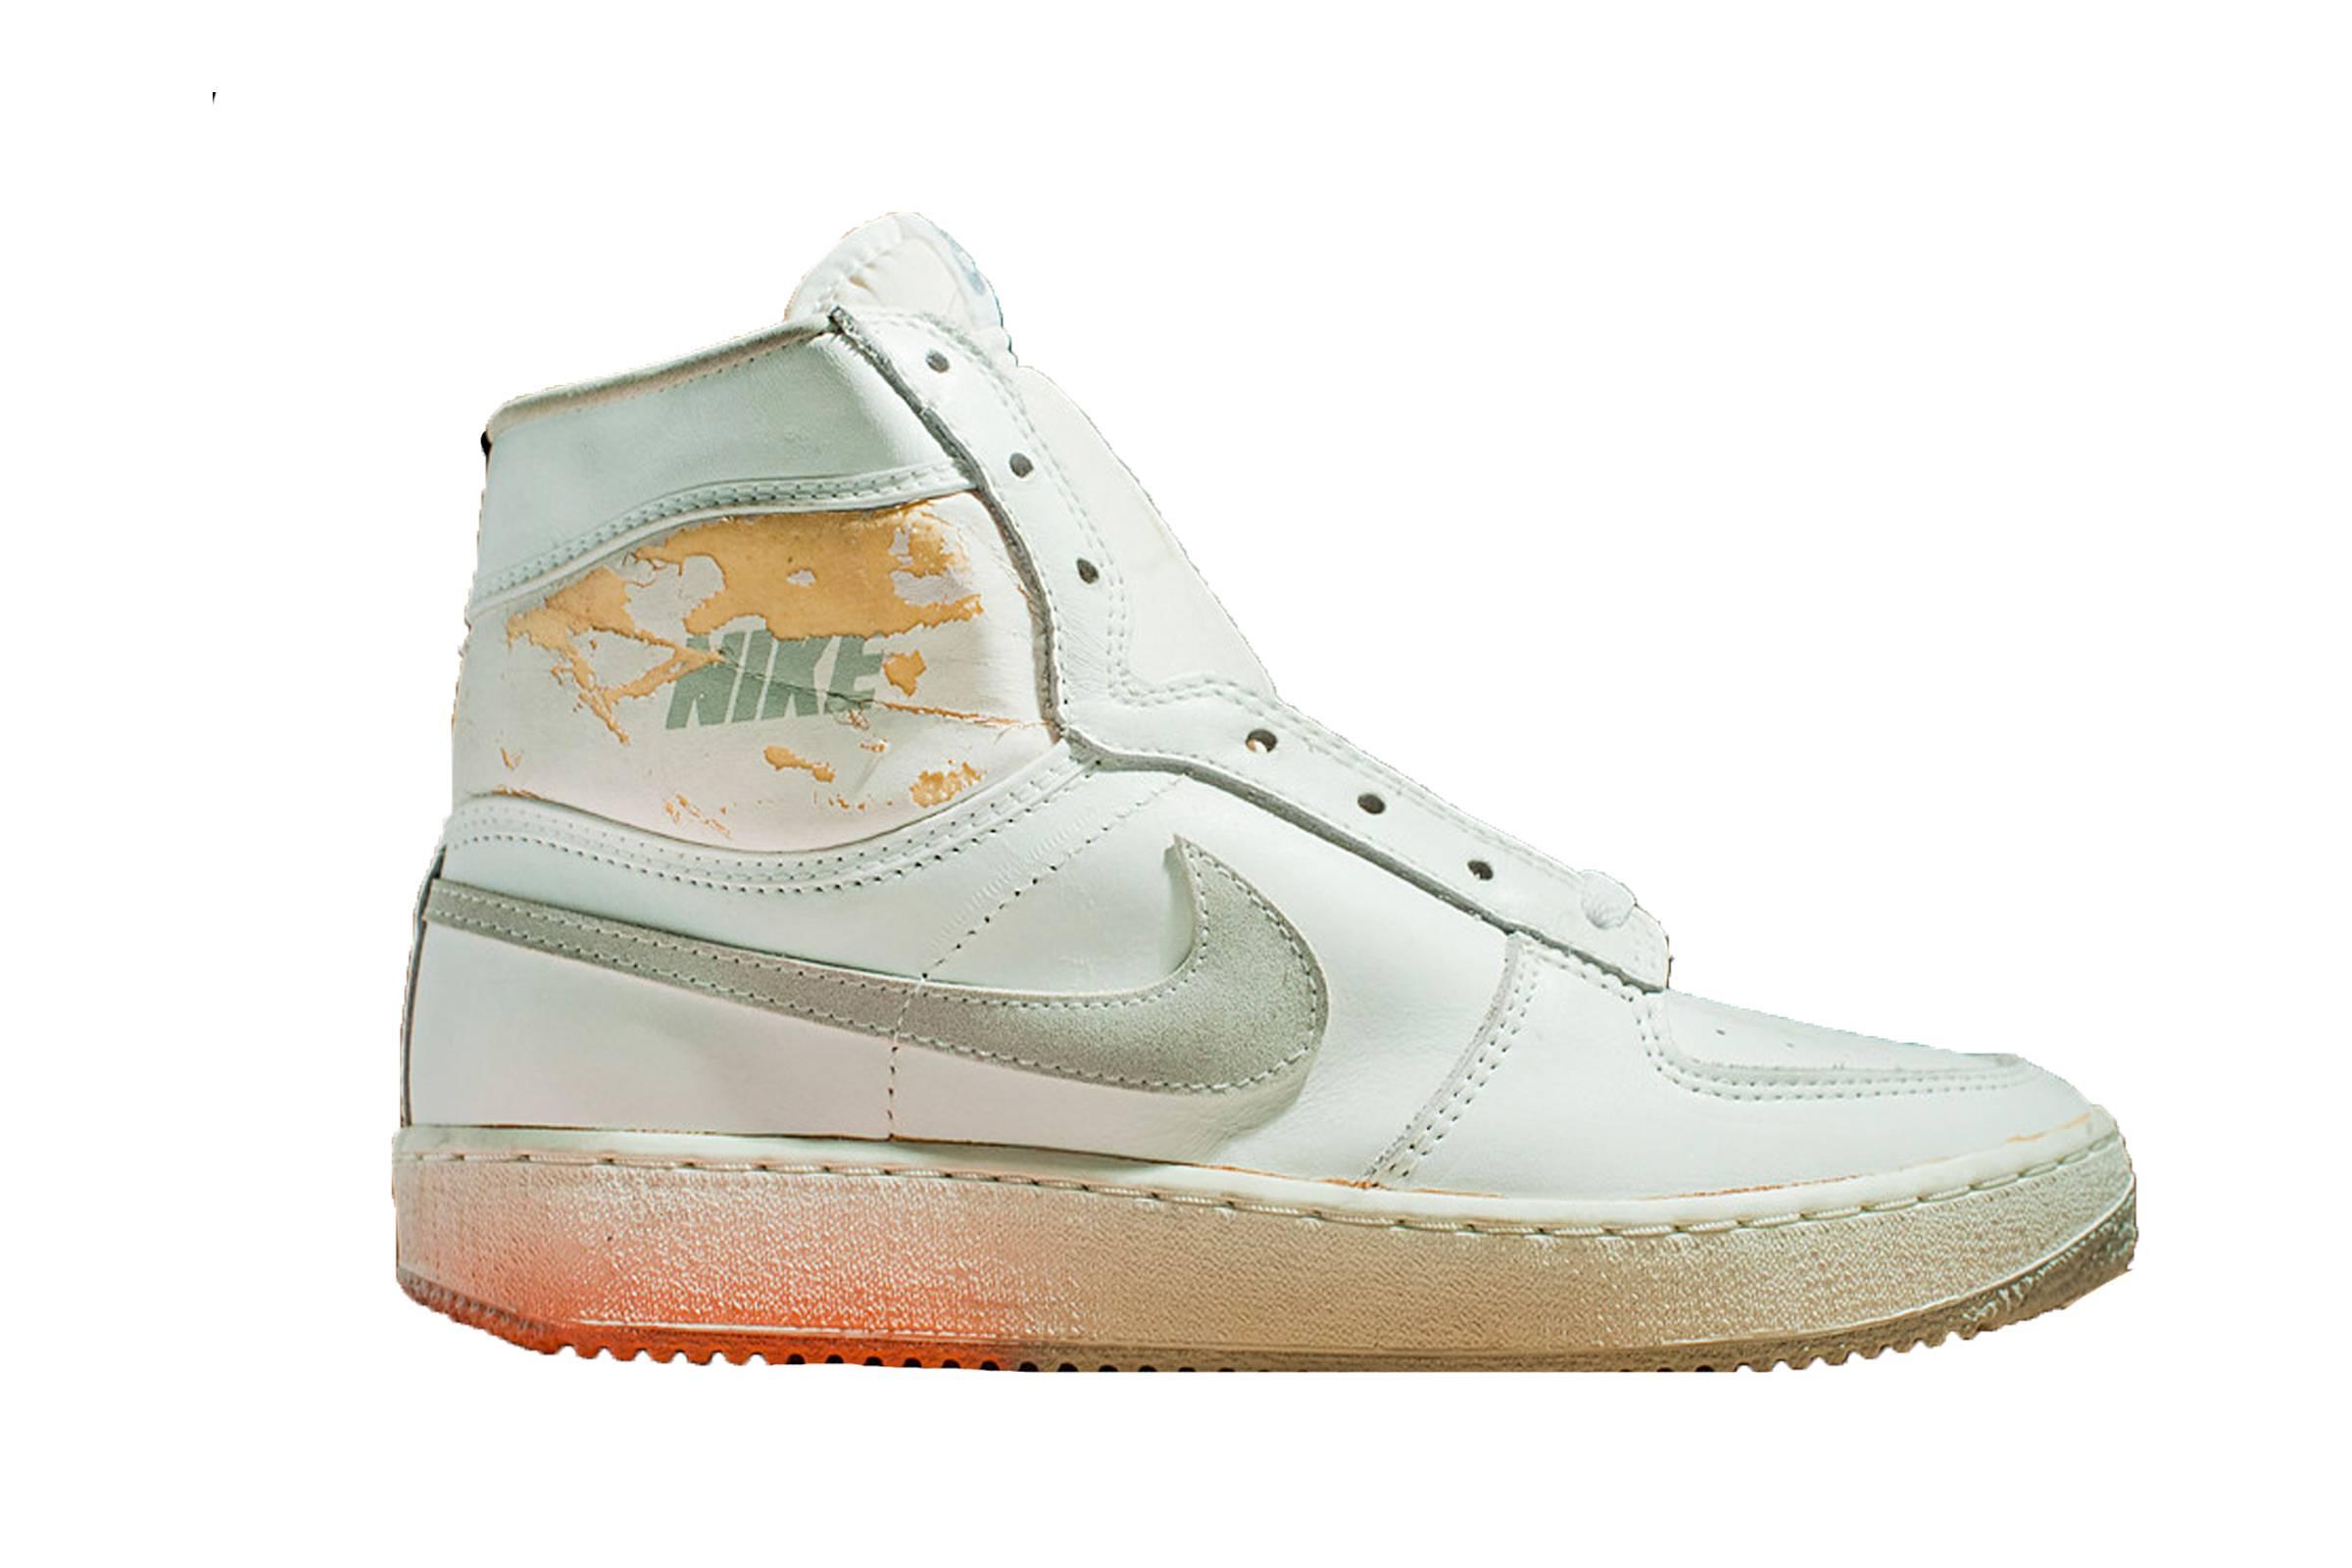 Nike Sky Force (1984)